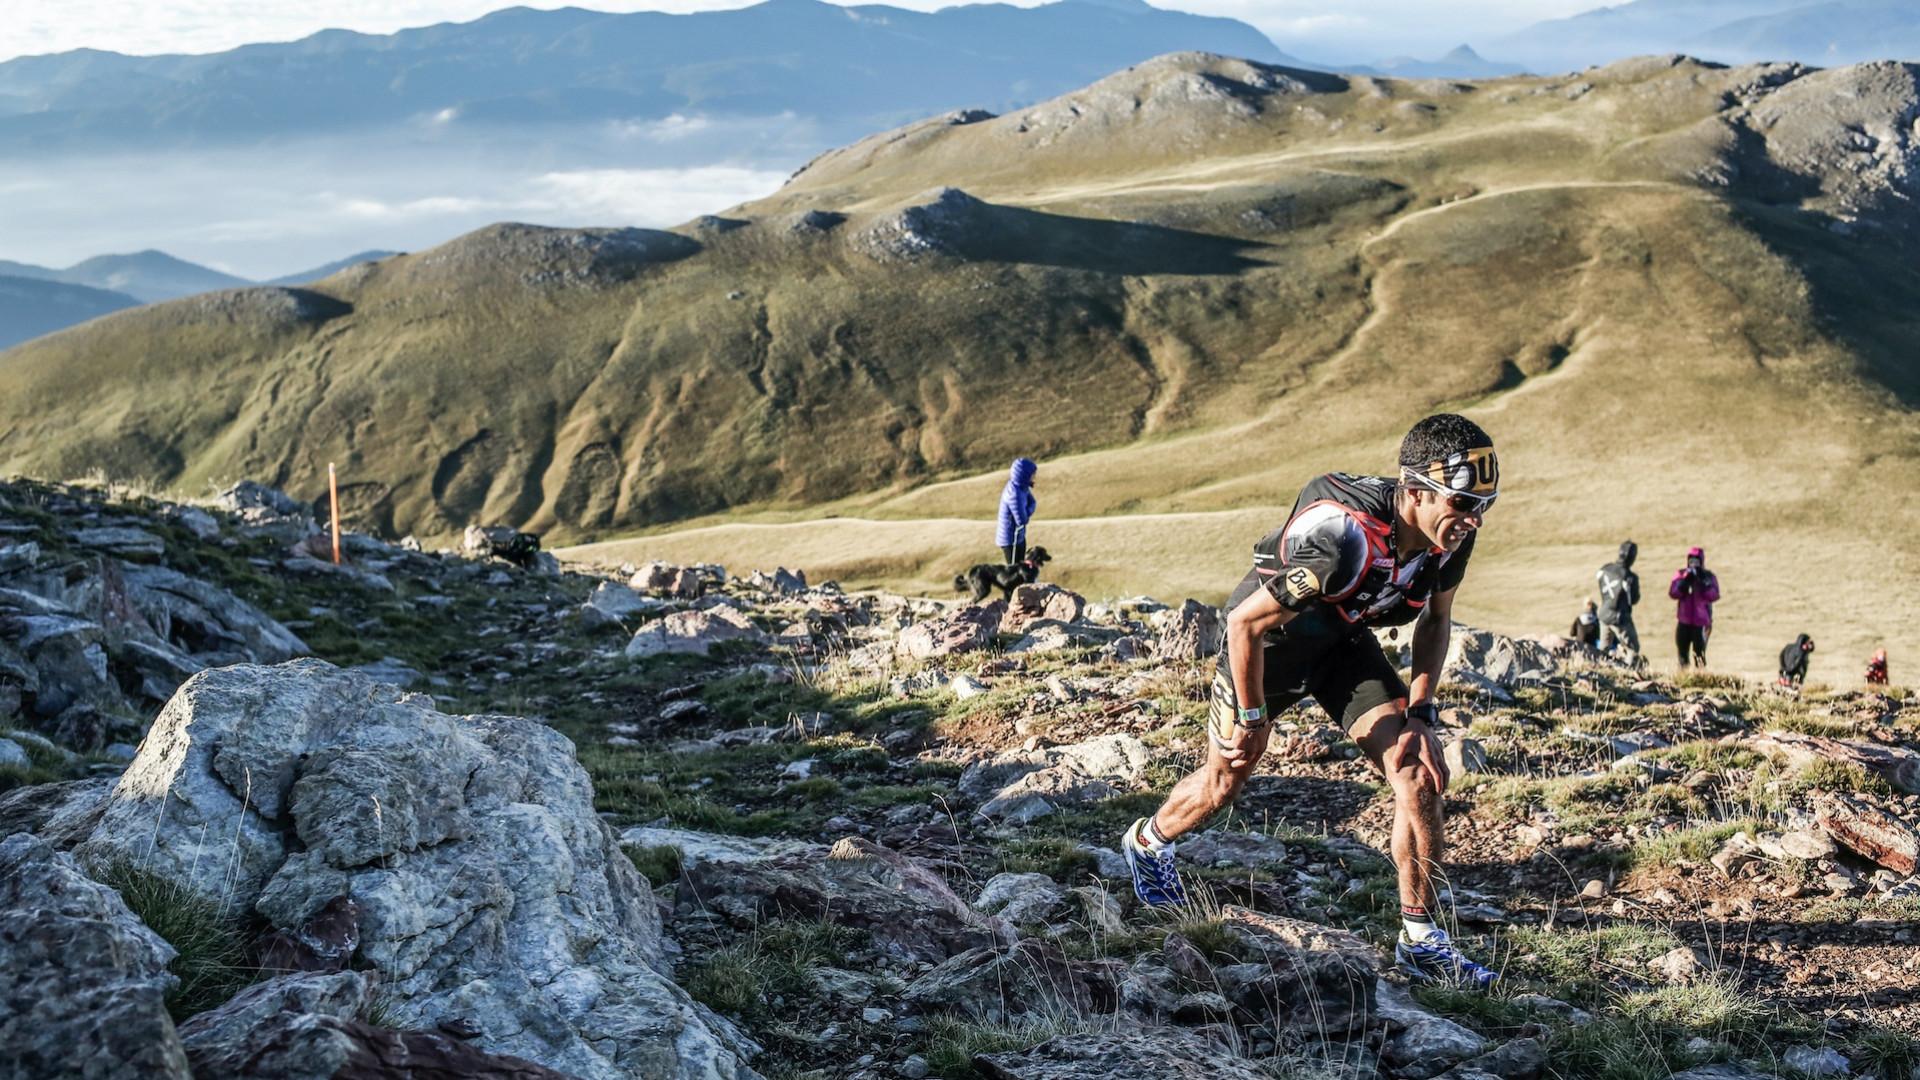 Runner taking on the Ultra Pirineu race in Spain